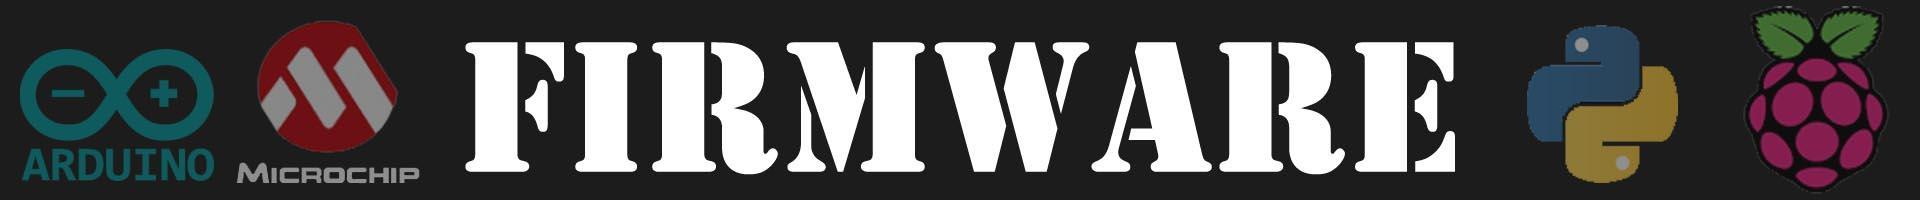 firmaware-logo-2